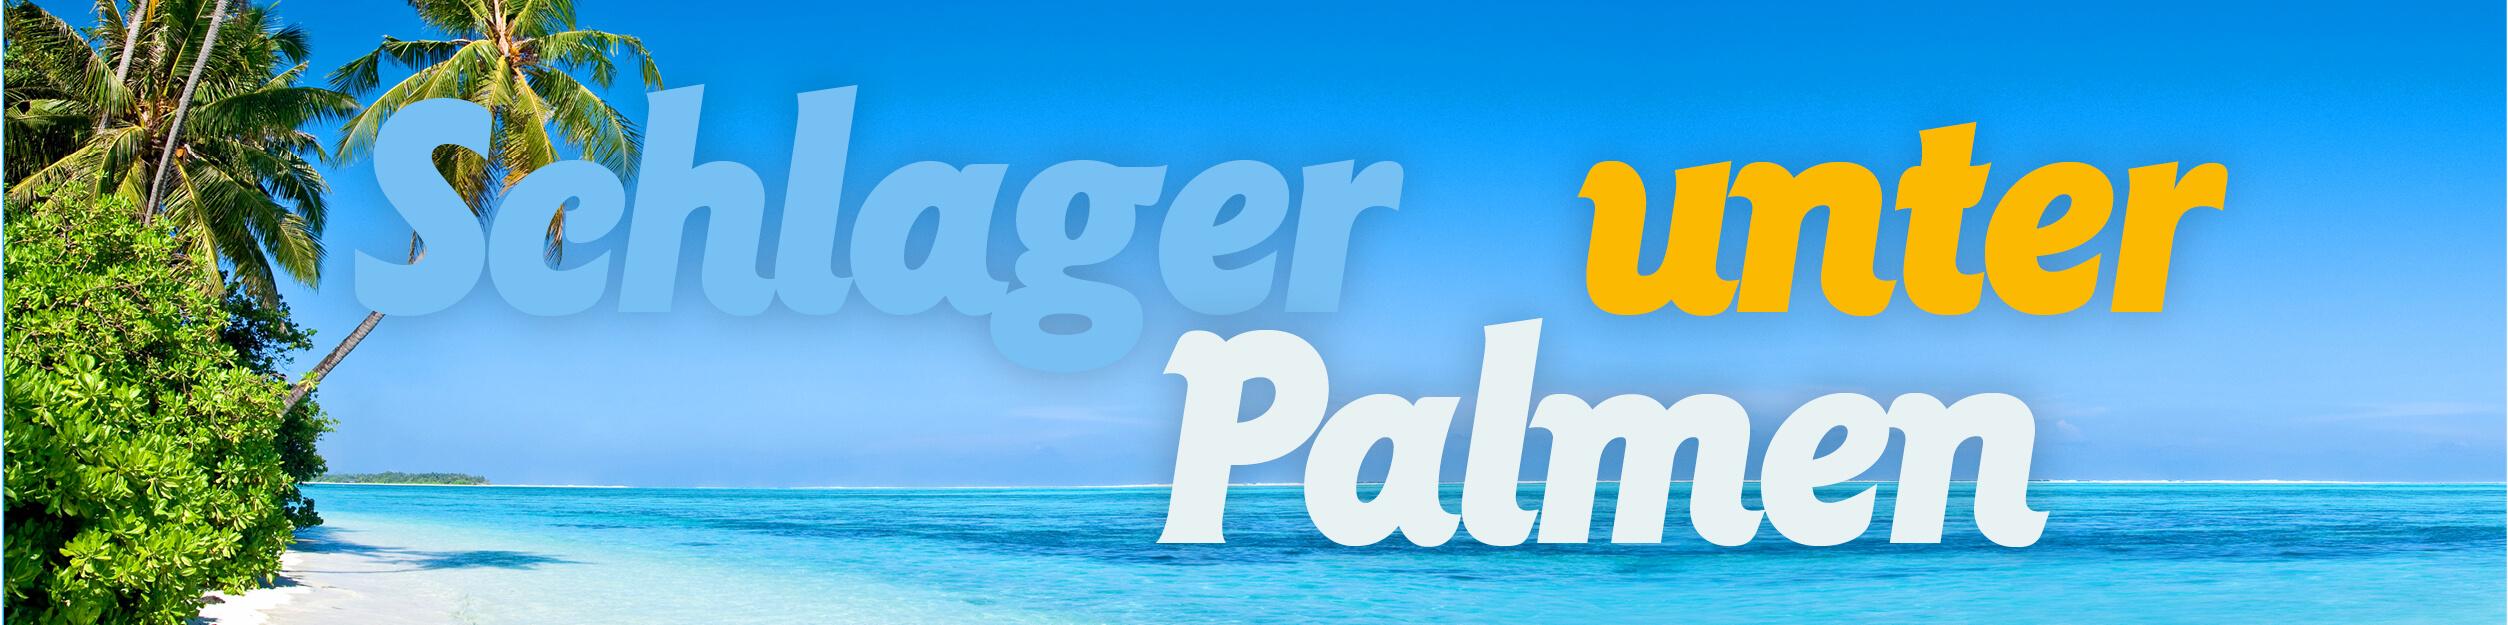 schlager-unter-palmen-banner